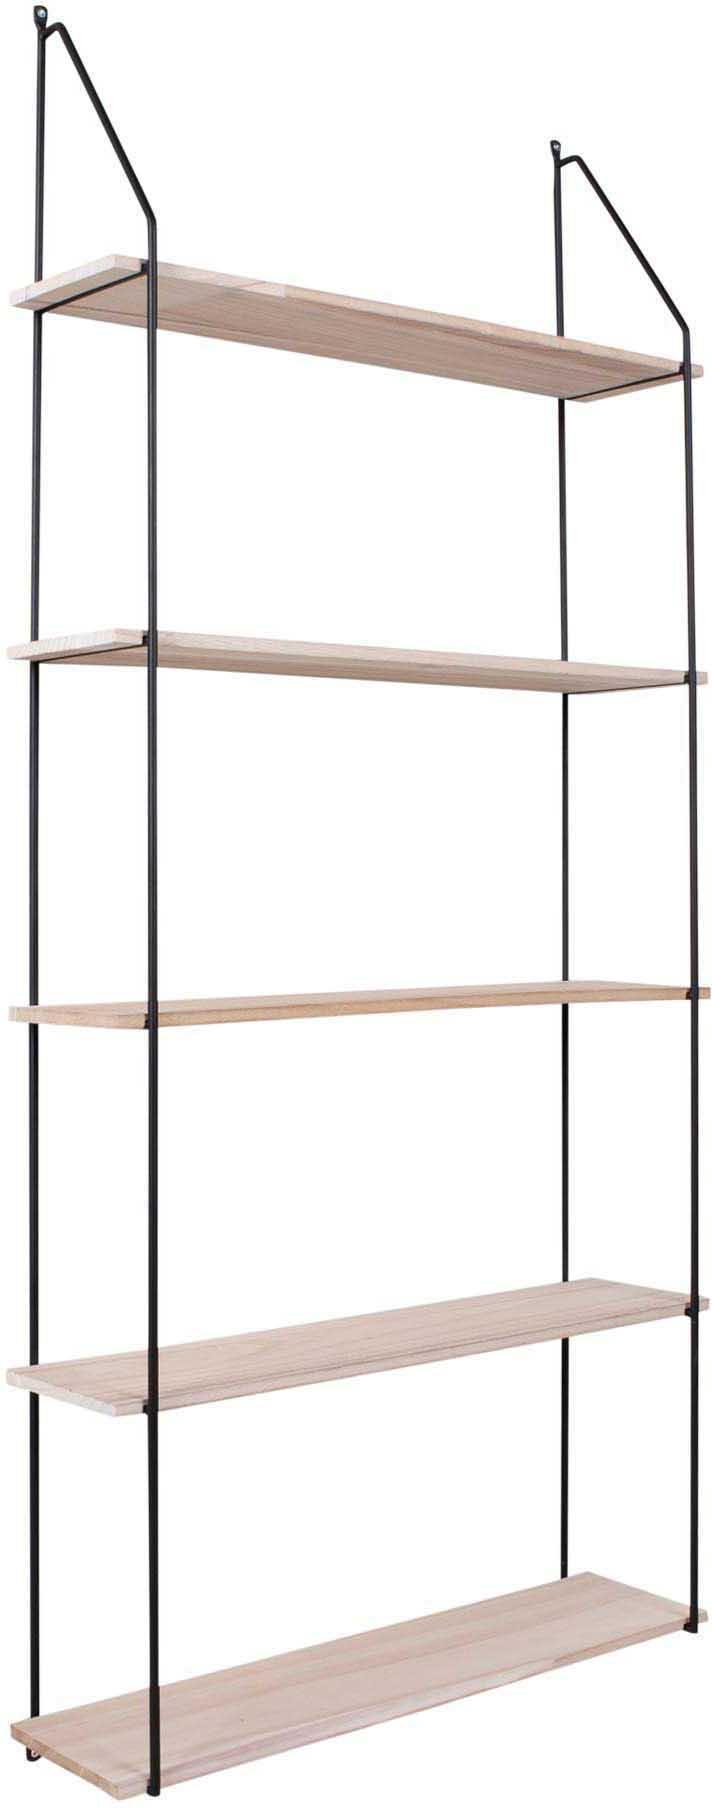 Estante de pared de metal y madera Eindhoven, Estructura: acero recubierto, Estantes: madera de Paulownia, Negro, madera, An 65 x Al 145 cm